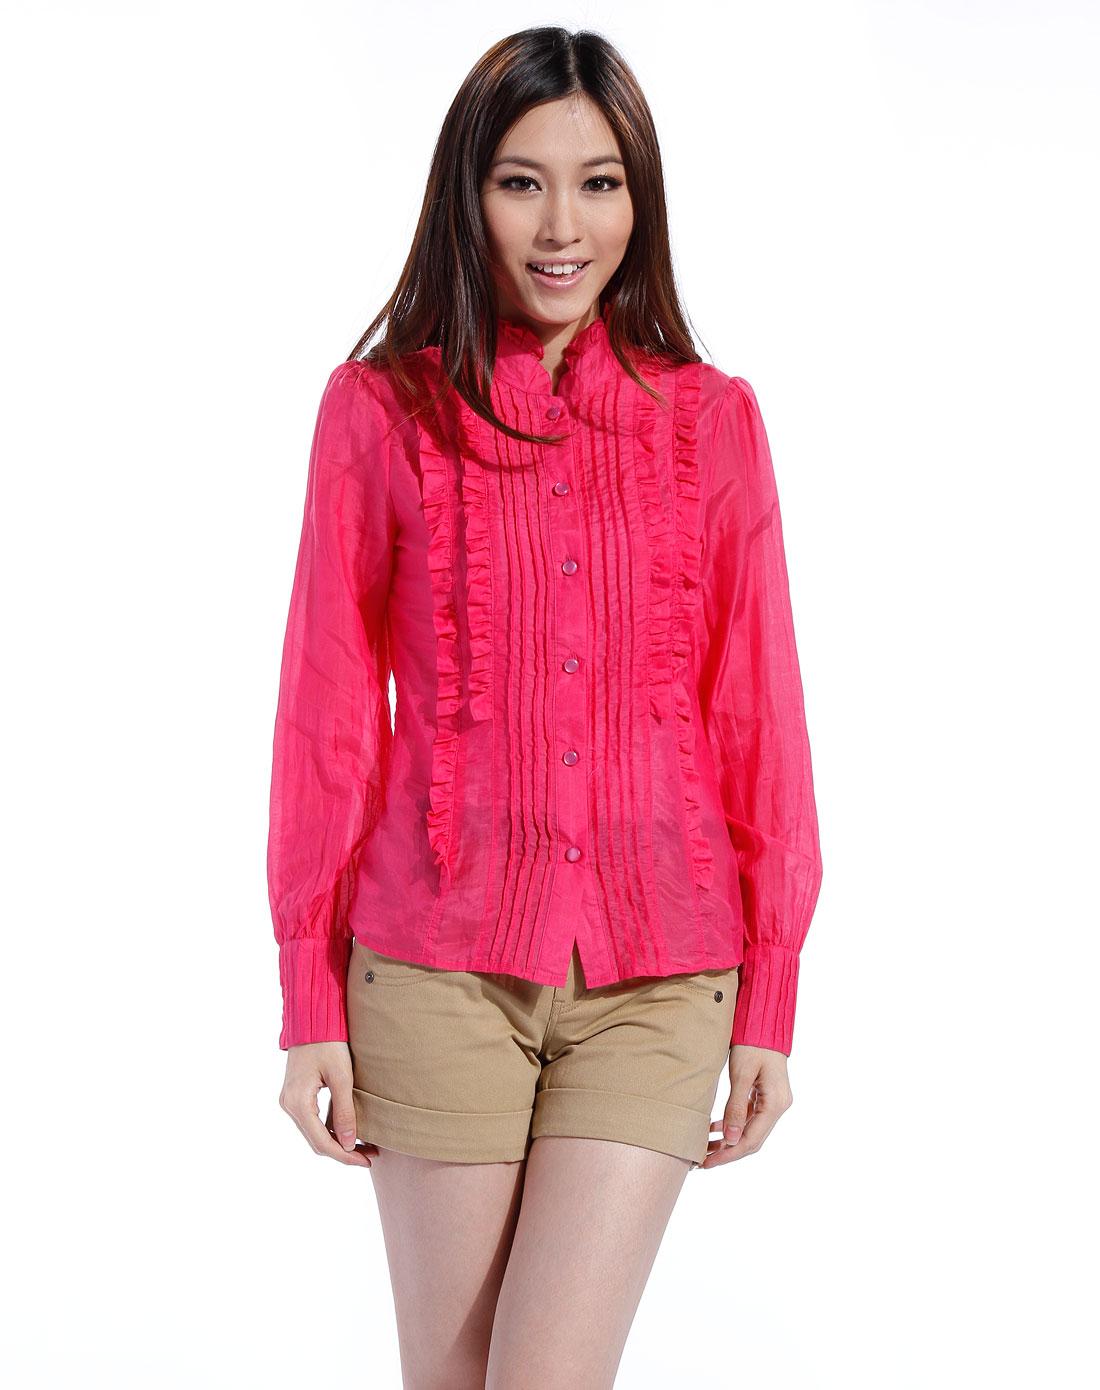 玫红色皱褶花边长袖衬衫